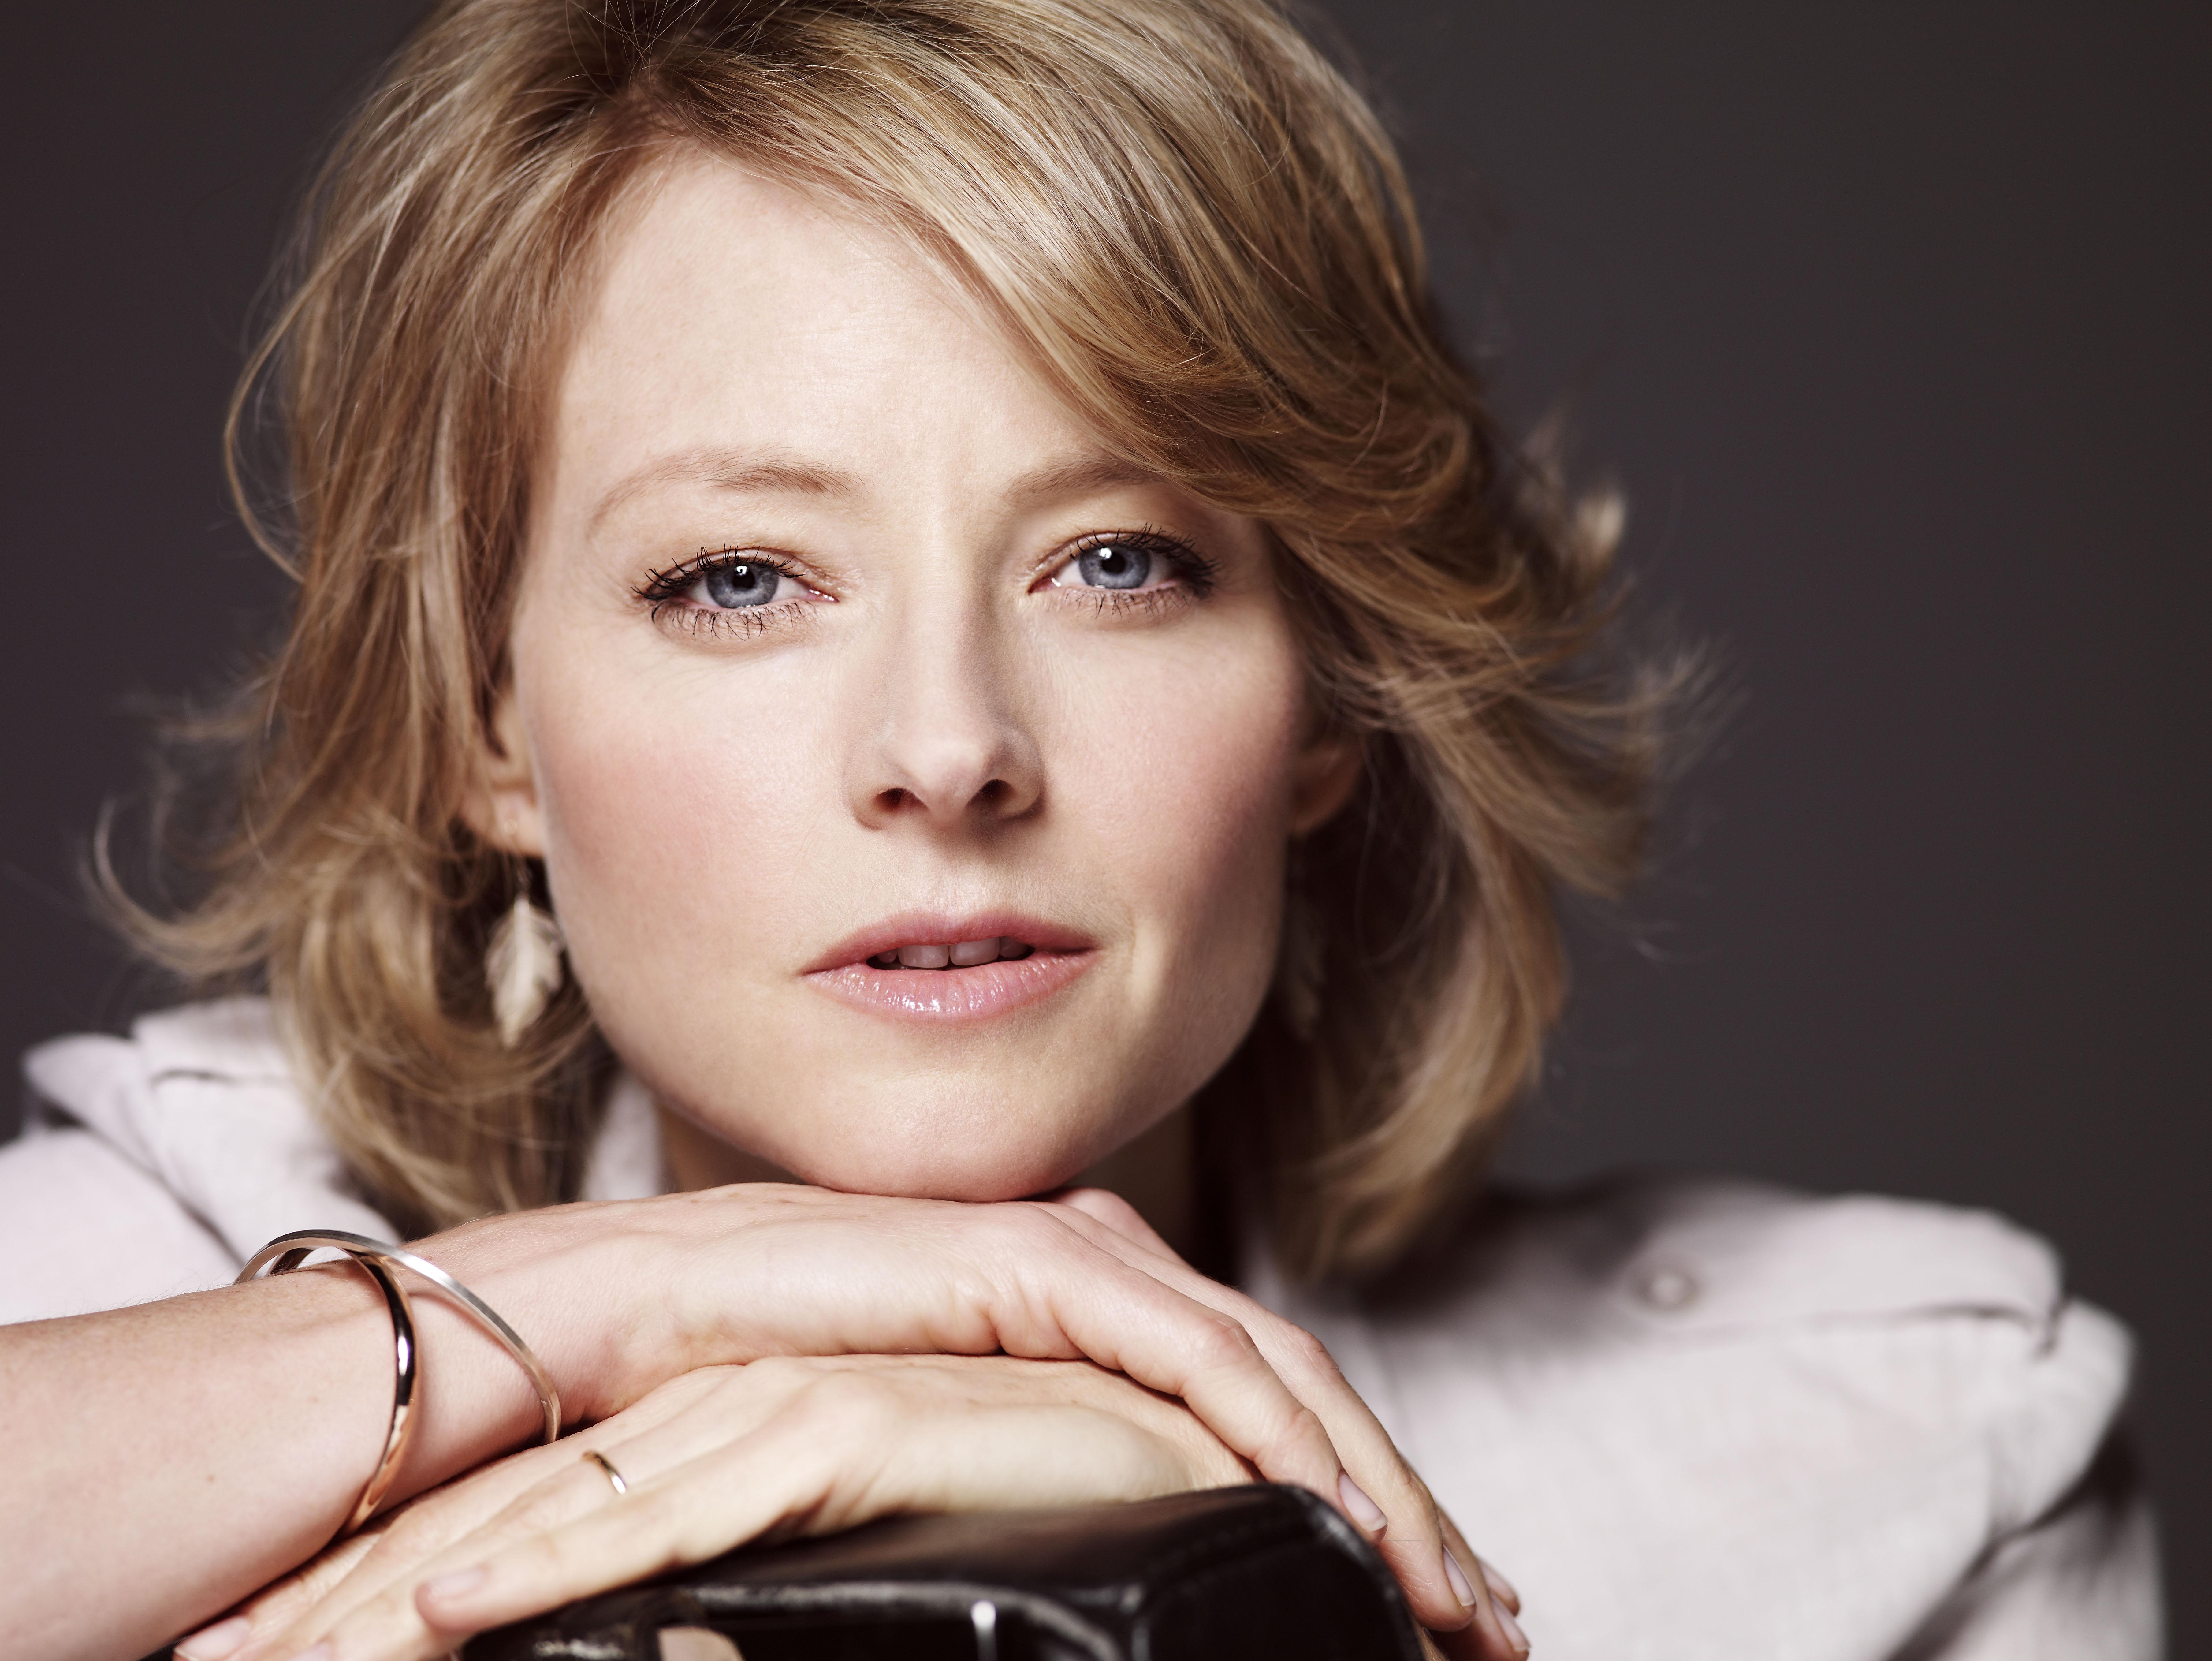 茱蒂·福斯特几十年来一直都和女性恋爱,有趣的是她直到2013年、在金球奖的颁奖典礼上才做出对她性倾向的公开声明,这非常勇敢,而且酷毙了!1993到2008年,茱蒂保持和电影制片人Cydney Bernard的关系,而在2014年4月,她与身为演员、同时也是摄影师的Alexandra Hedison结婚。